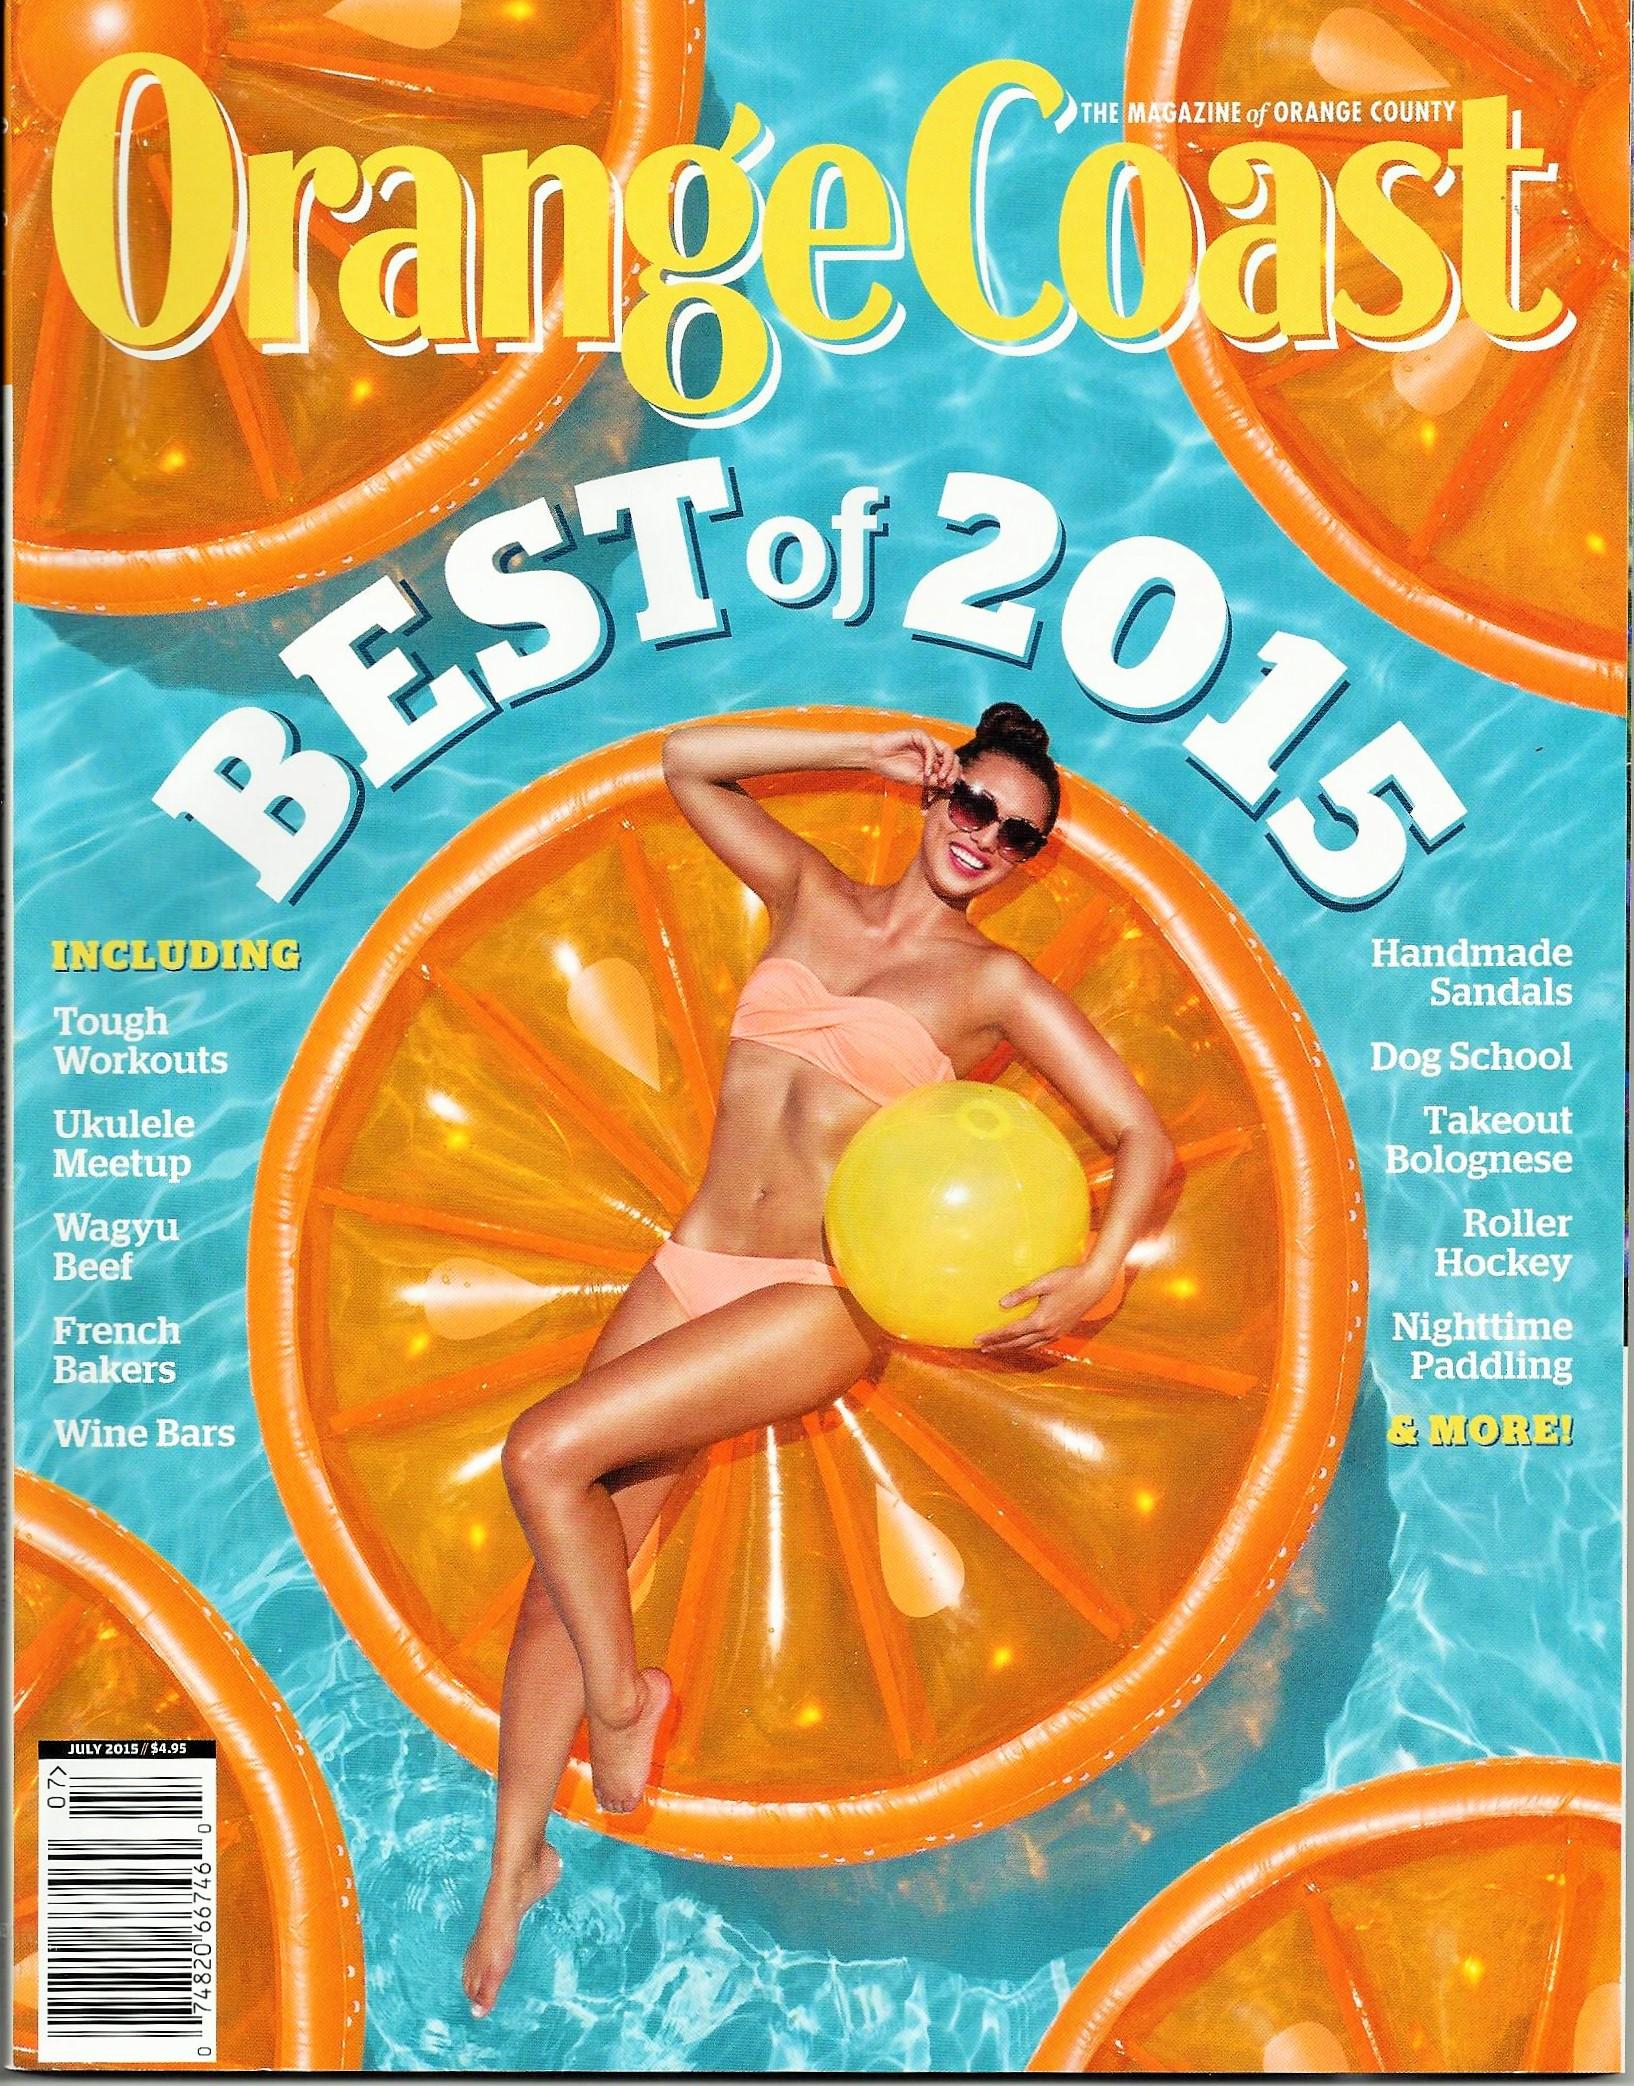 Boxfli-coast-magazine-cover